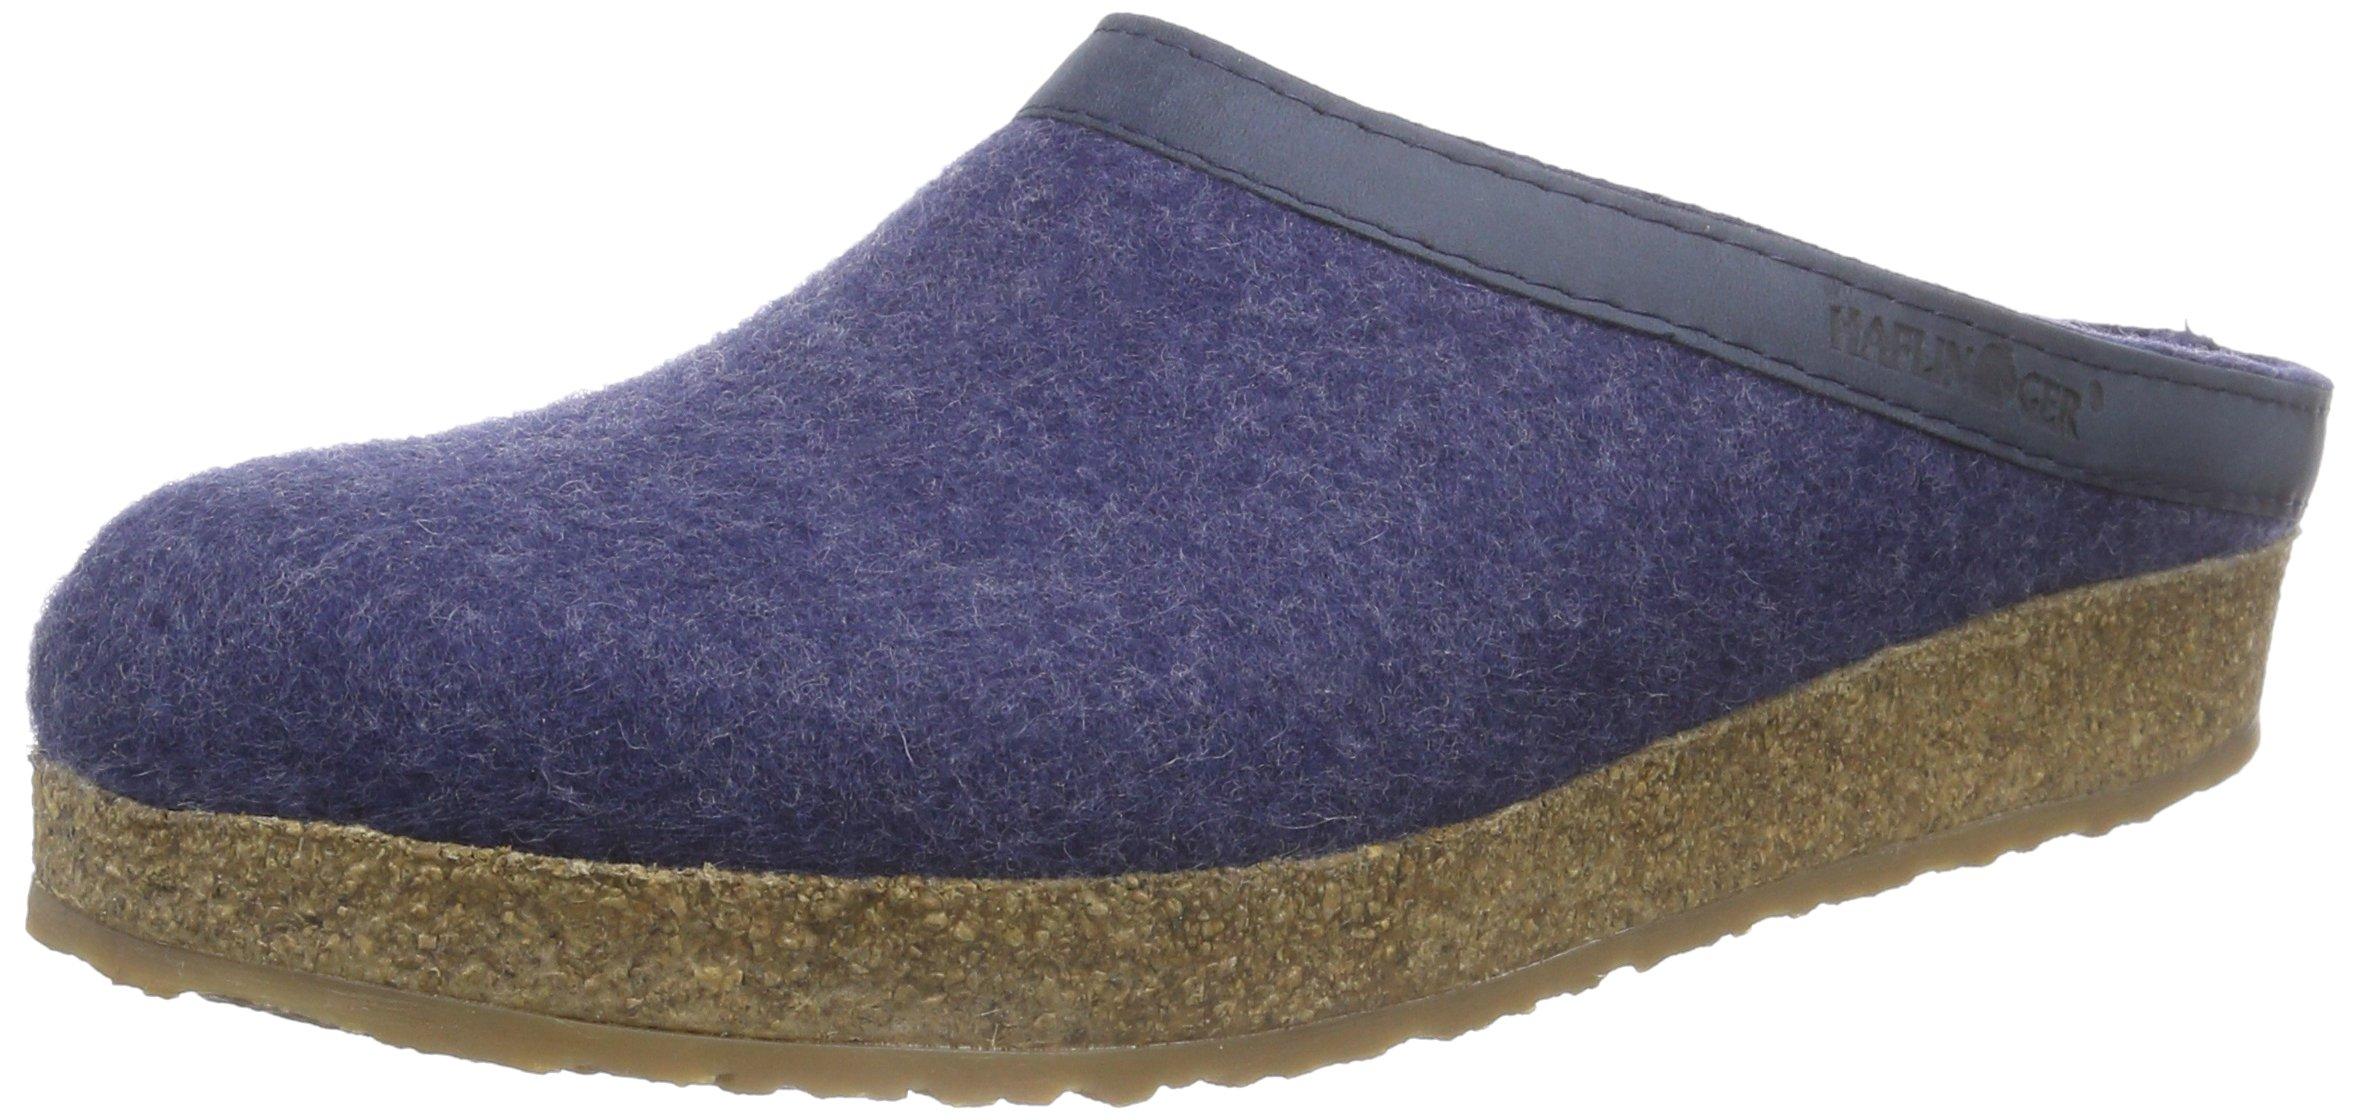 Haflinger 713001 Slippers, Filztoffel Grizzly Torben, Jeans, Gr 43